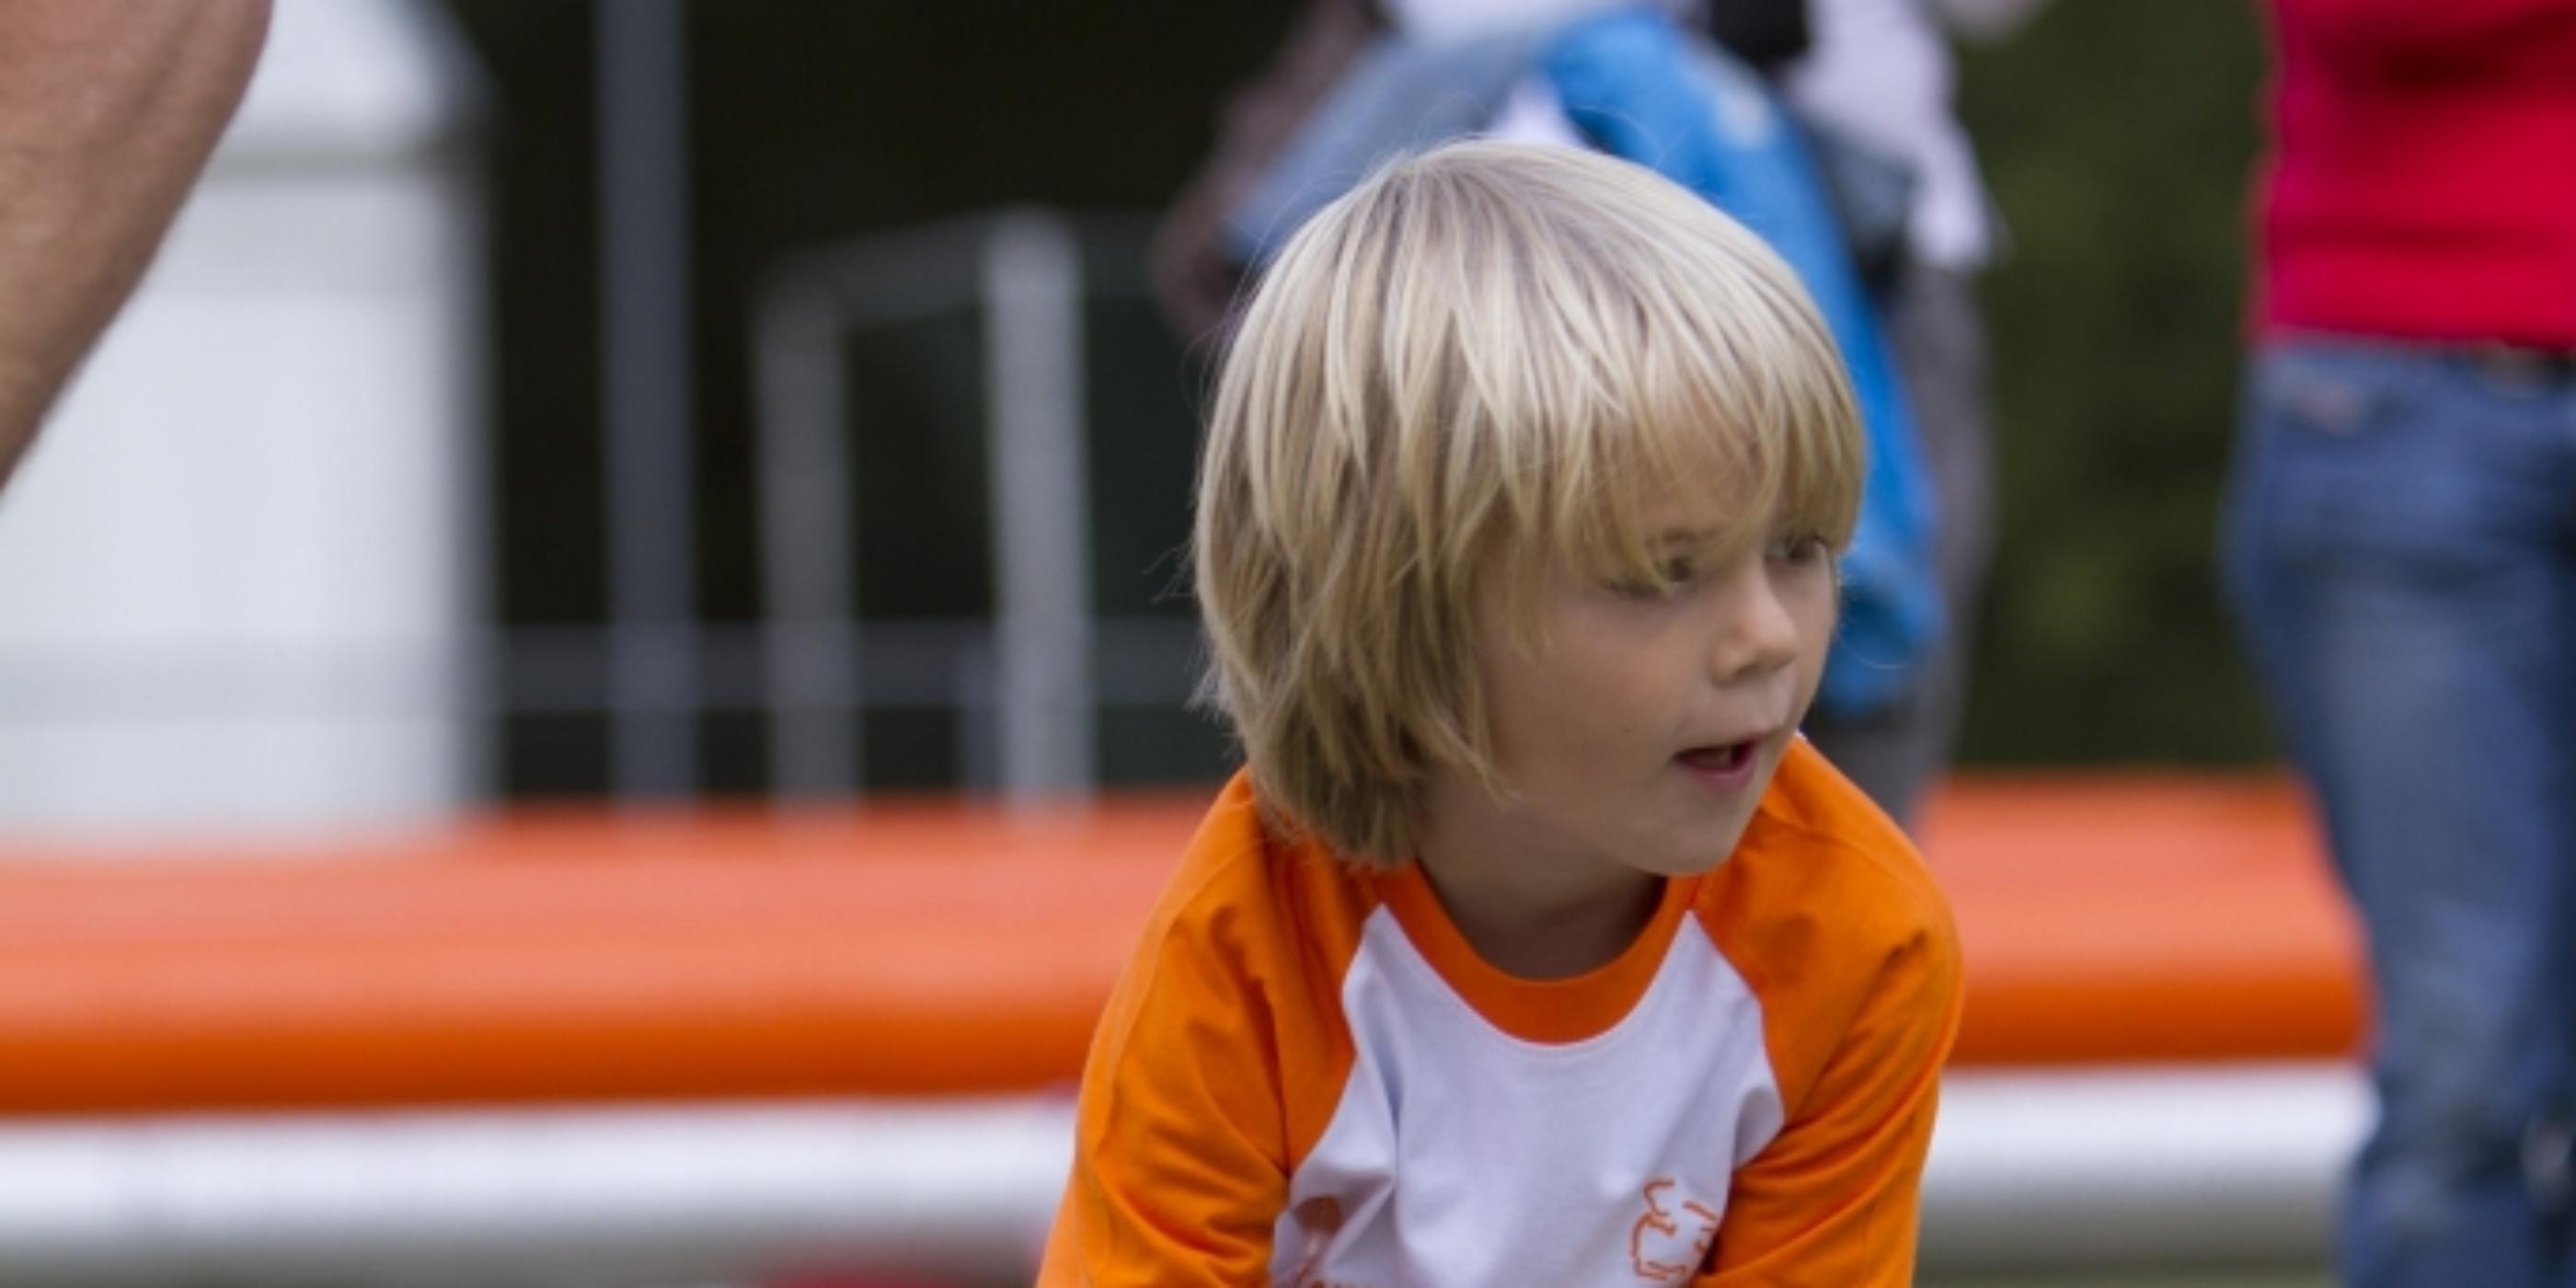 Meer ruimte voor hockey in Midden Nederland